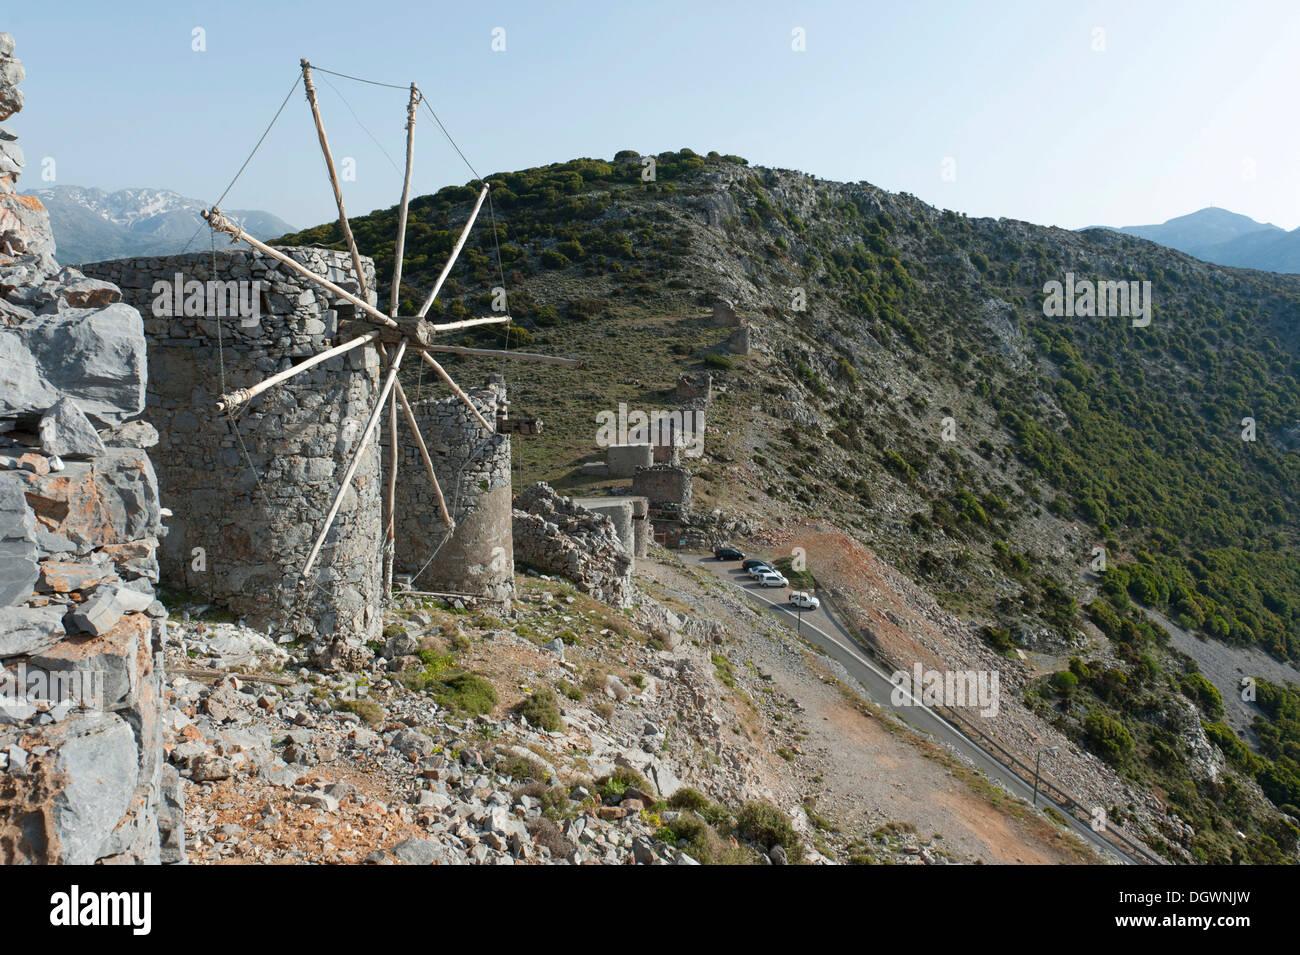 L'énergie éolienne historique, vieux moulins à vent vénitien au passage Ambélos, Plateau Lassithi, Crète, Grèce, Europe Photo Stock